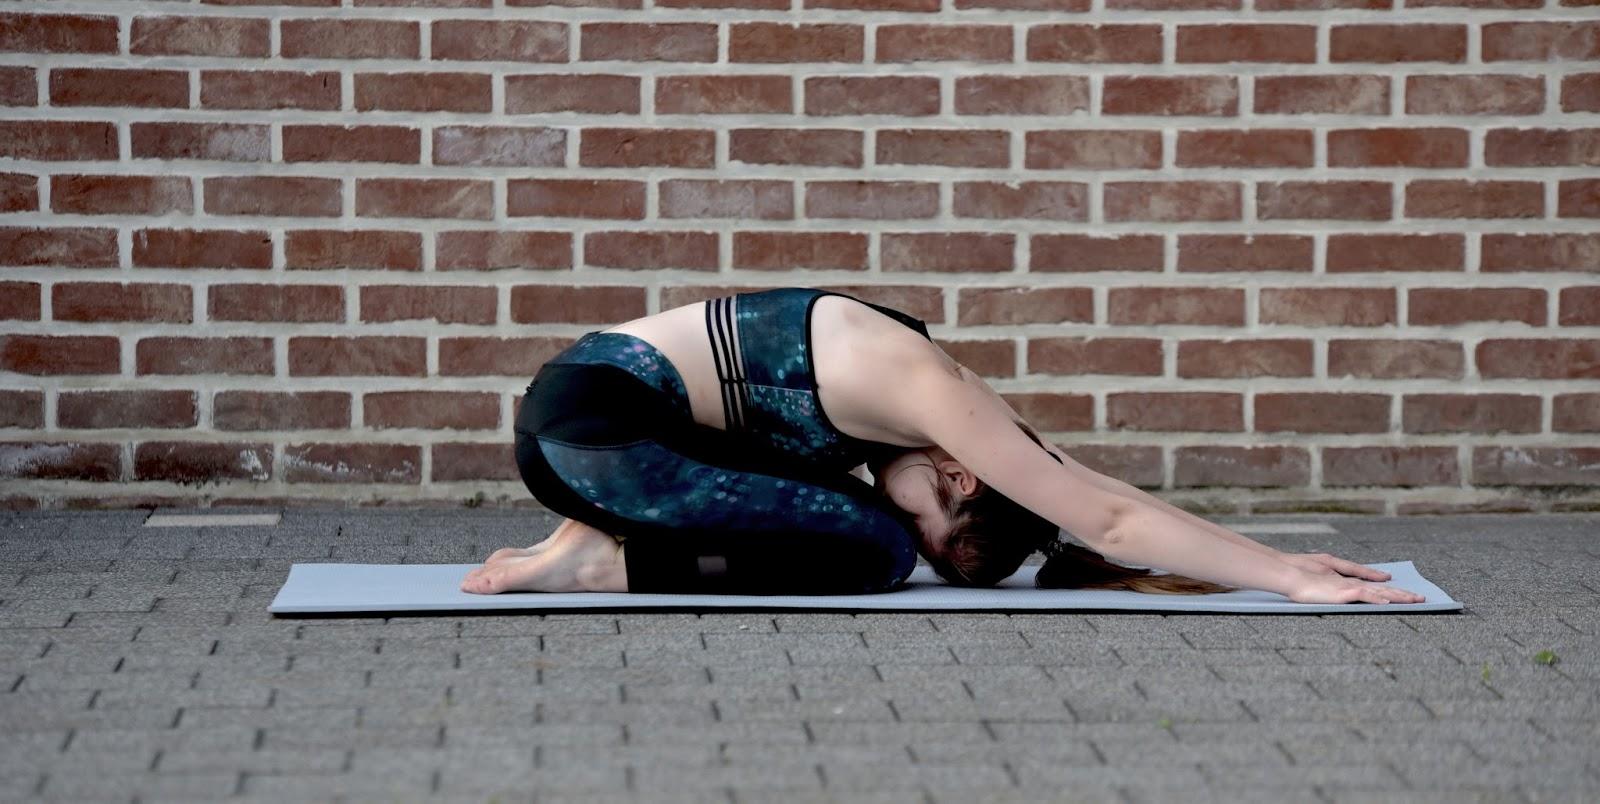 le yoga la maison ou avec un prof. Black Bedroom Furniture Sets. Home Design Ideas